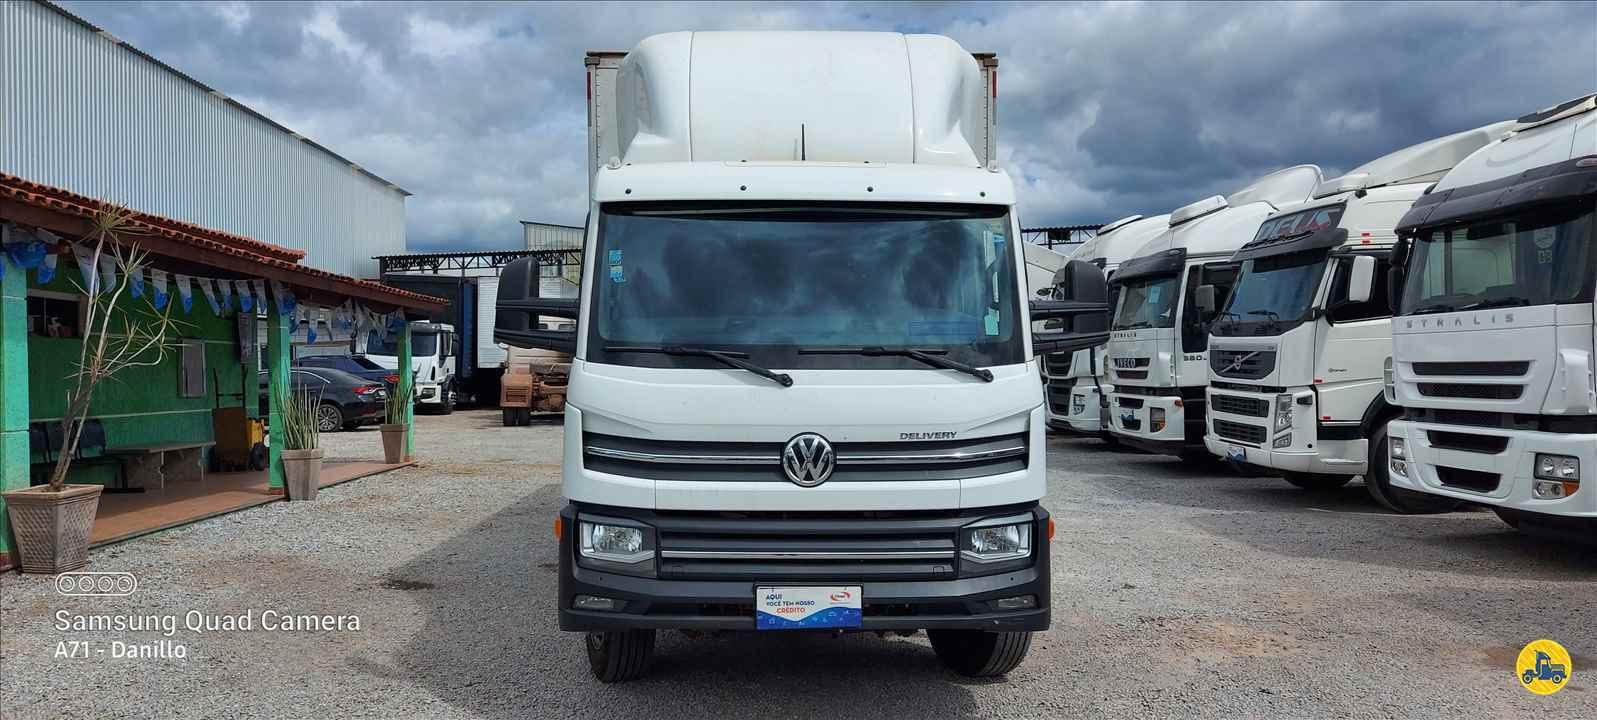 CAMINHAO VOLKSWAGEN VW 11180 Baú Furgão 3/4 4x2 13 de Maio Caminhões BETIM MINAS GERAIS MG